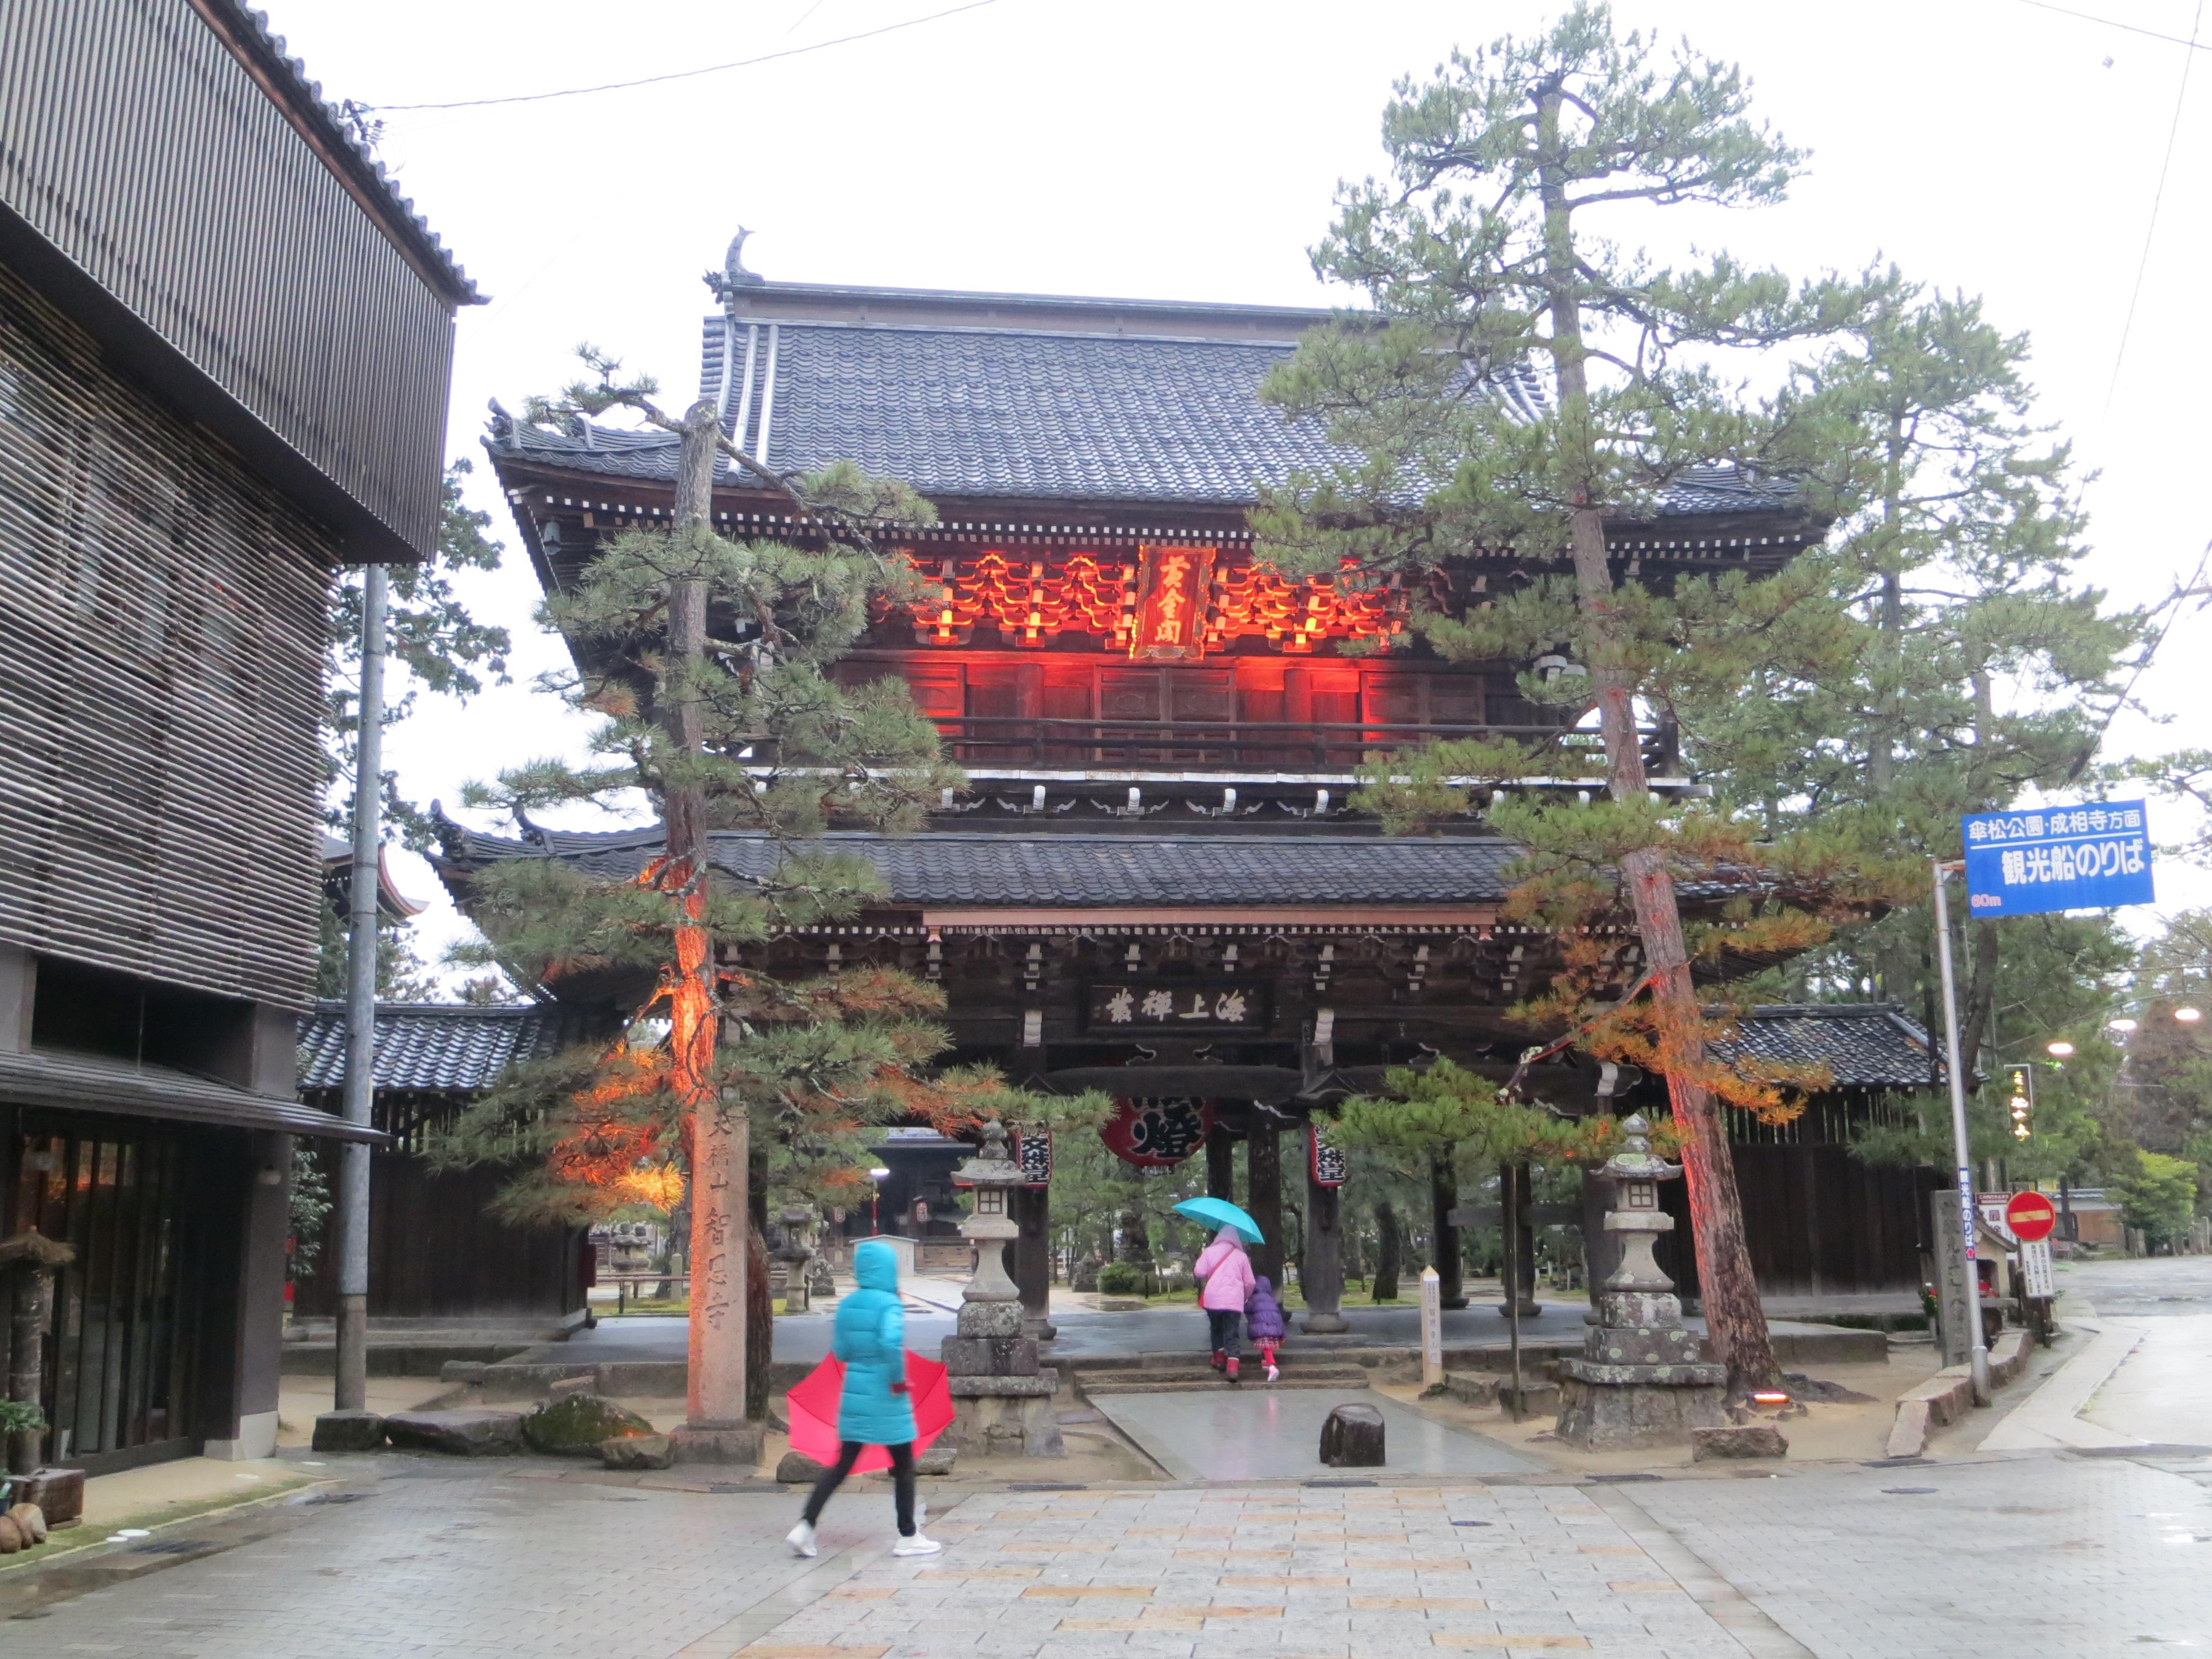 190226 智恩寺の山門のライトアップ